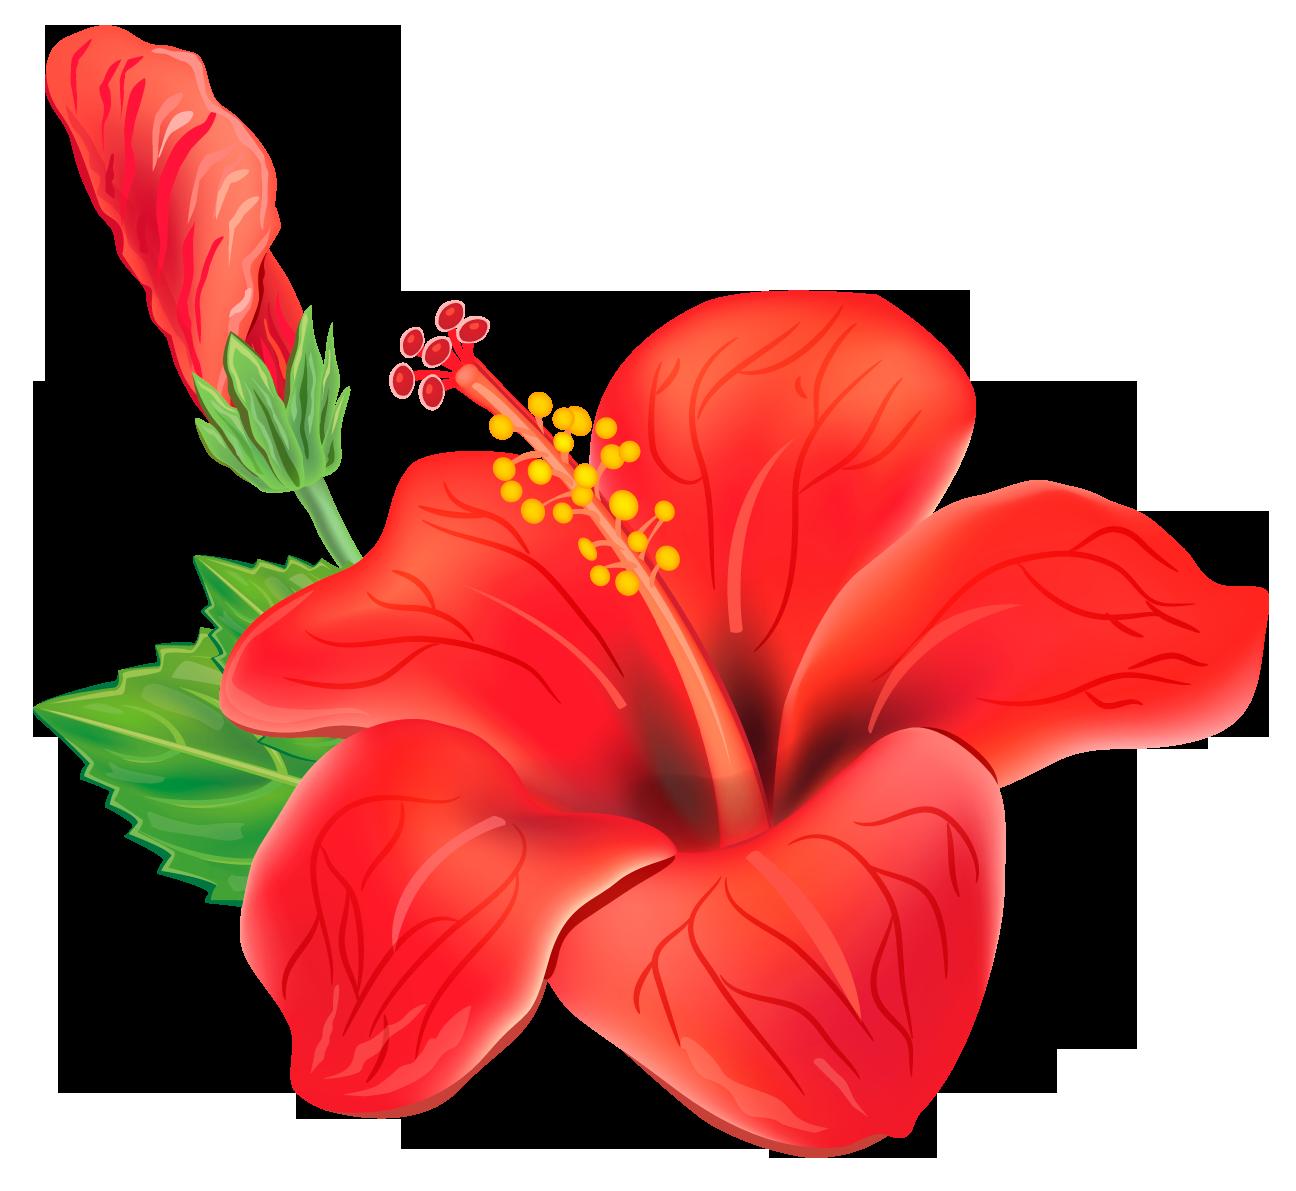 Цветы для постеров в хорошем качестве с большим разрешением город, пронизанный